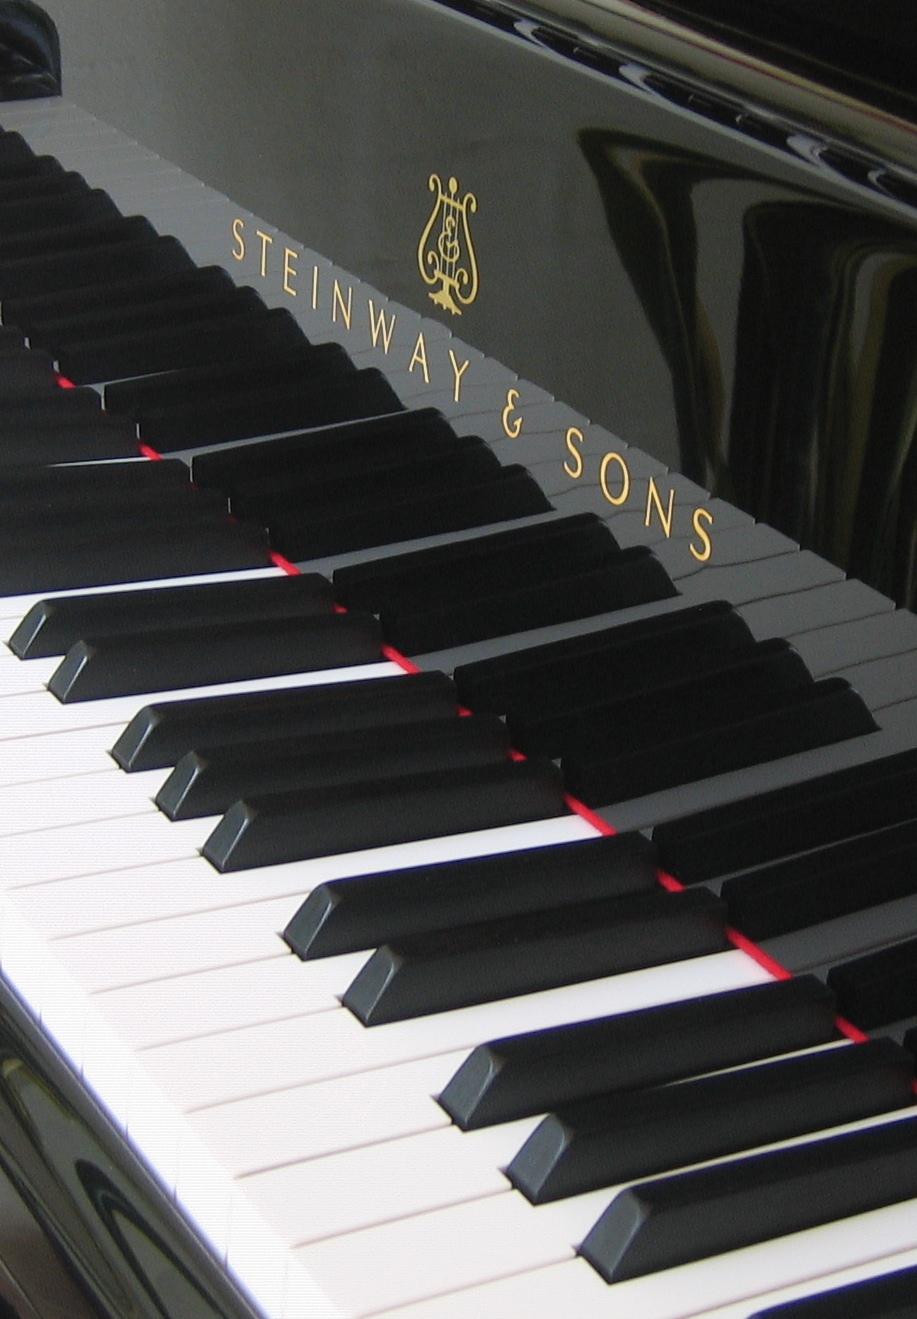 47 Grand Piano Wallpaper On Wallpapersafari